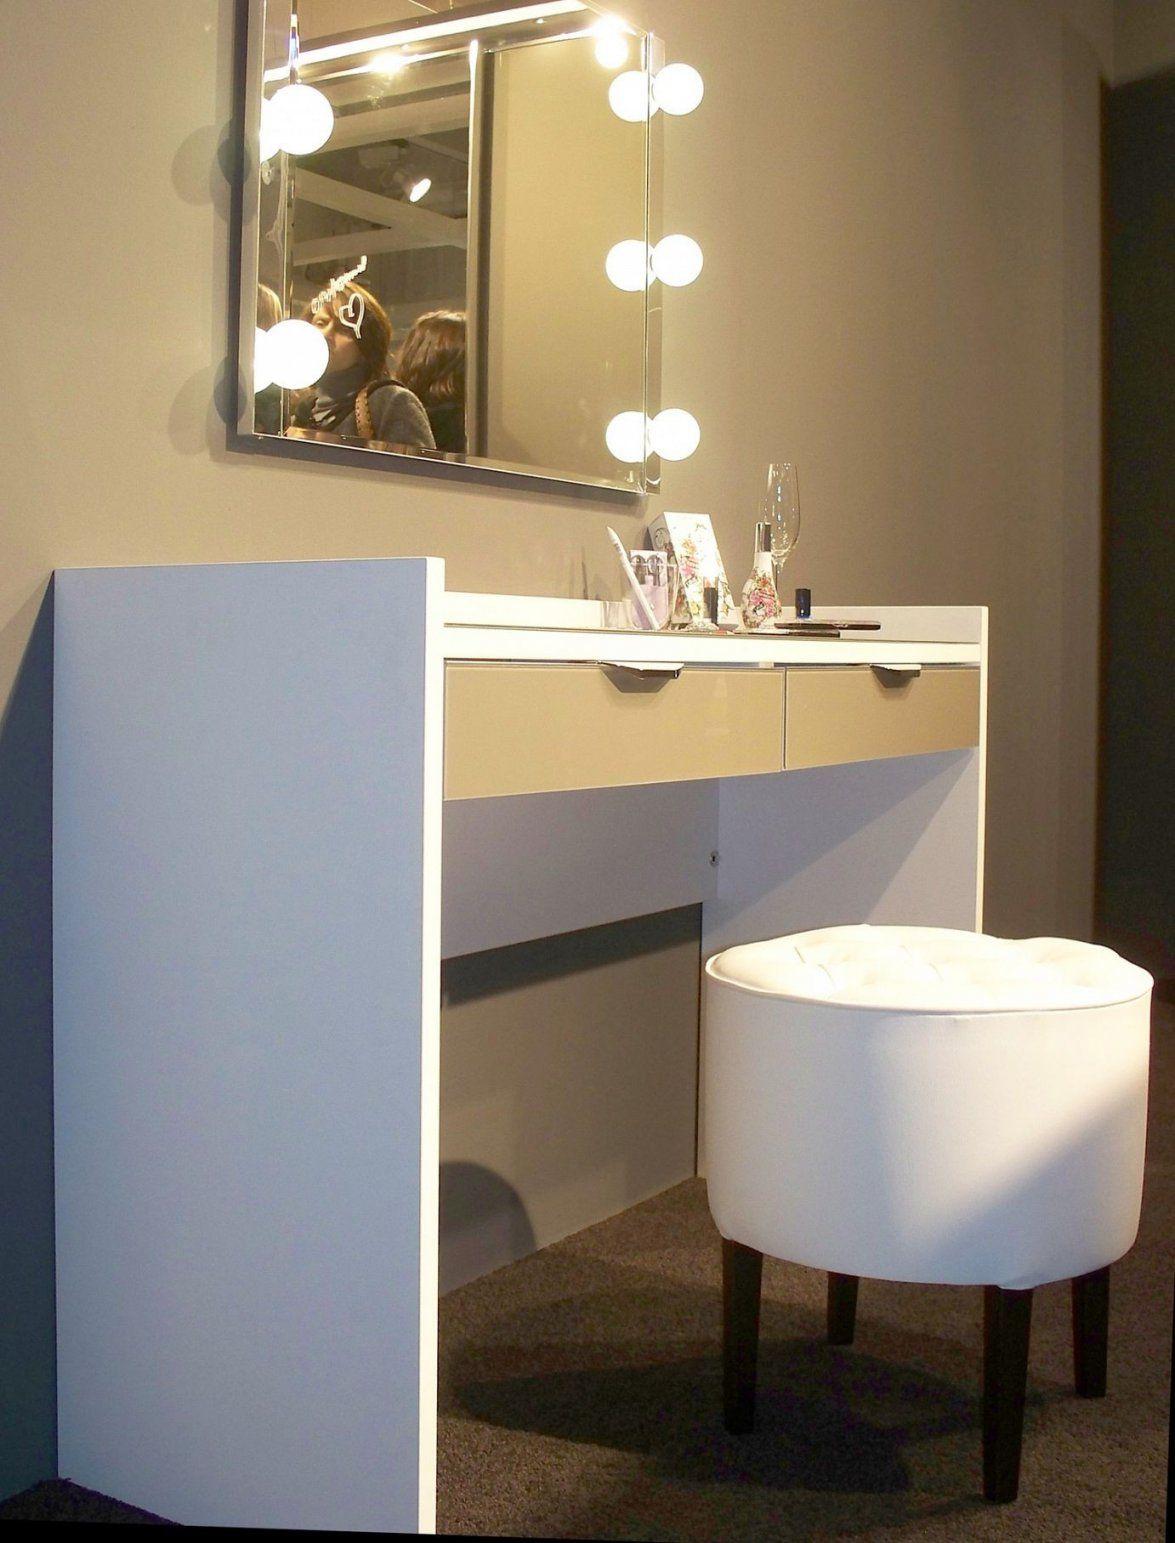 Ikea Schminktisch Mit Spiegel Bild Von Schminkspiegel Mit von Schminkspiegel Mit Beleuchtung Ikea Bild